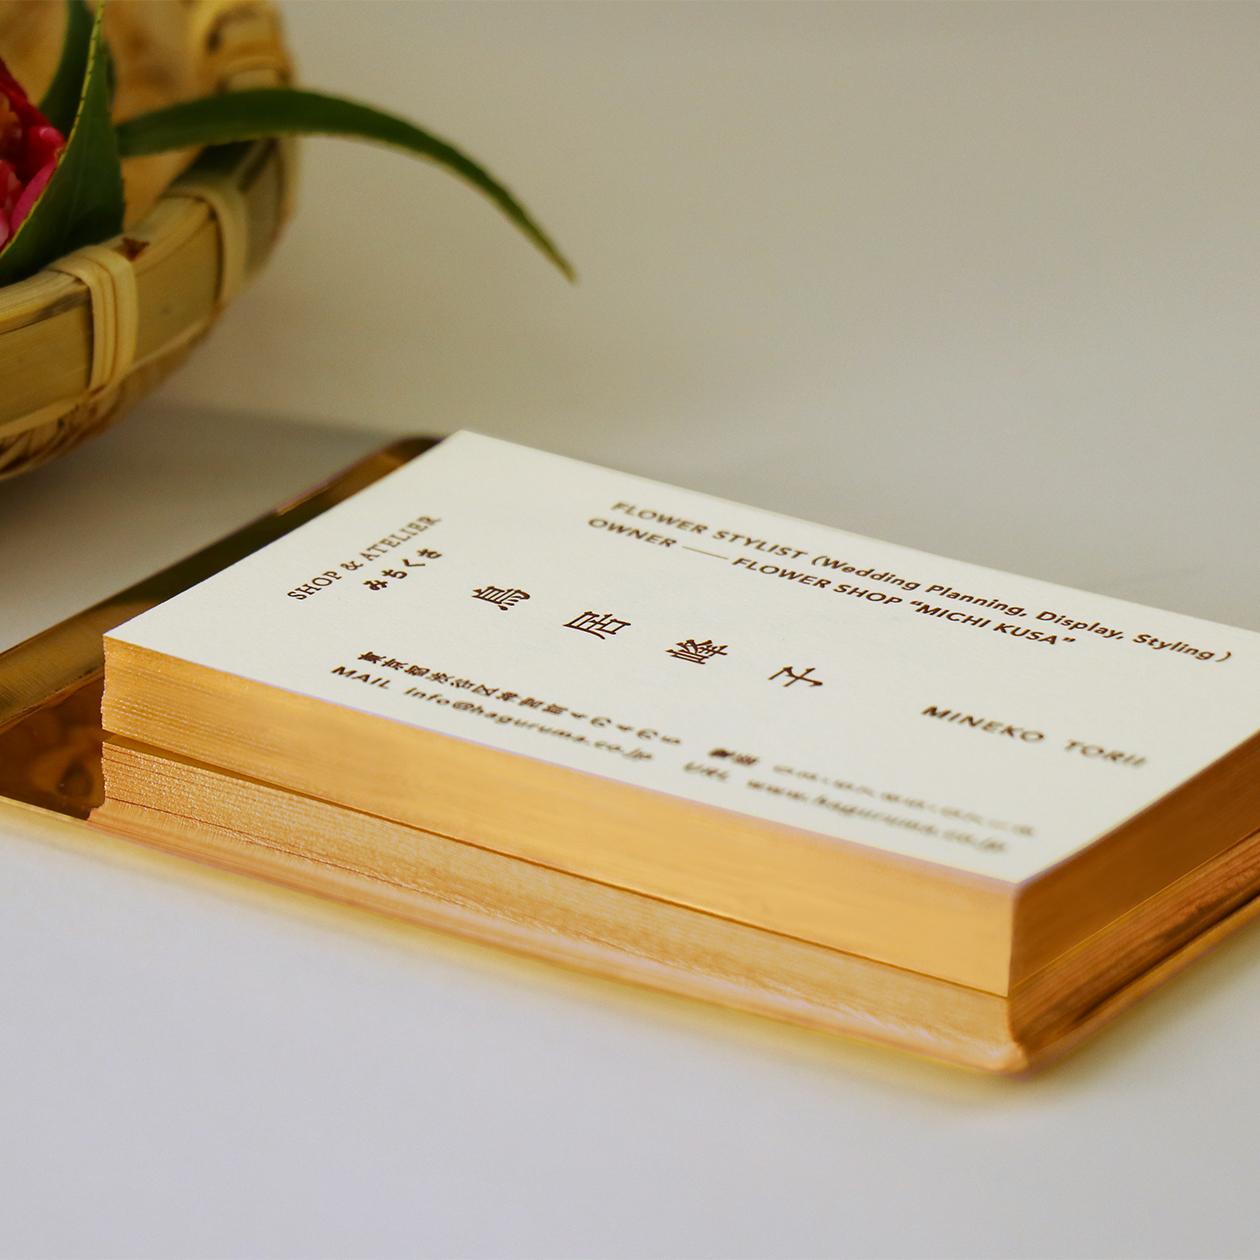 和花を扱うフラワーデザイナーの名刺